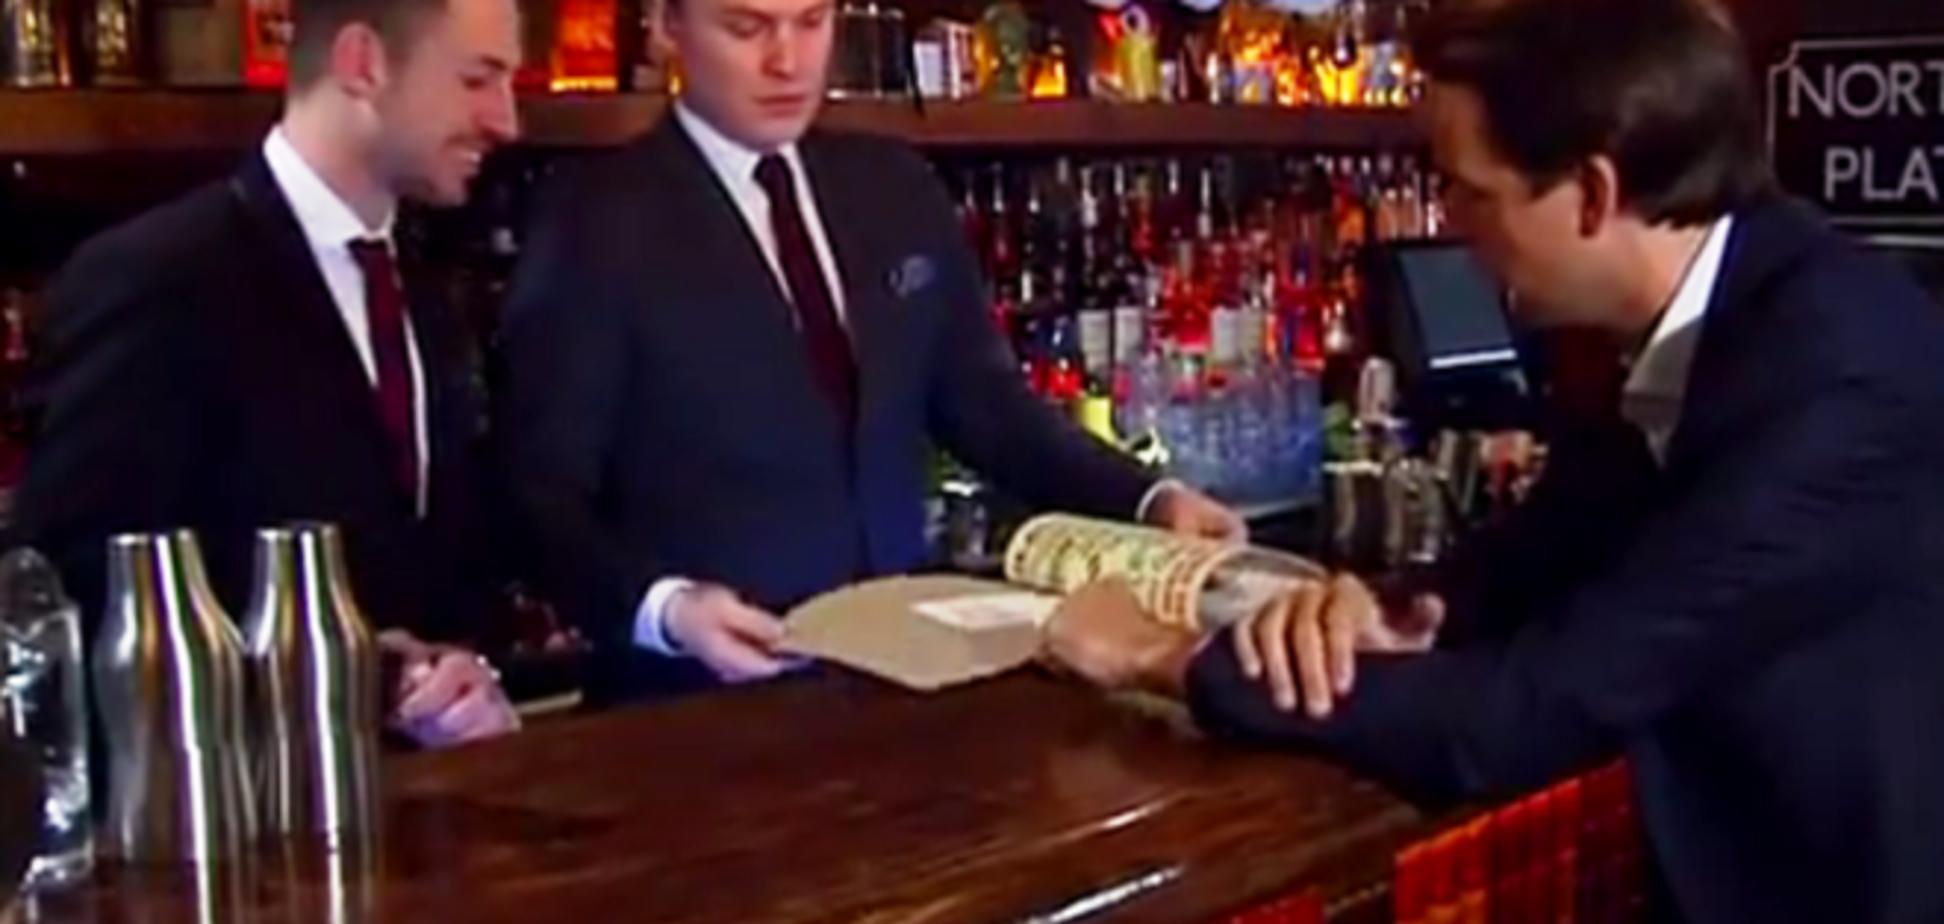 В бомбоубежище Лондона открыли бар для 'подпольщиков': видеофакт